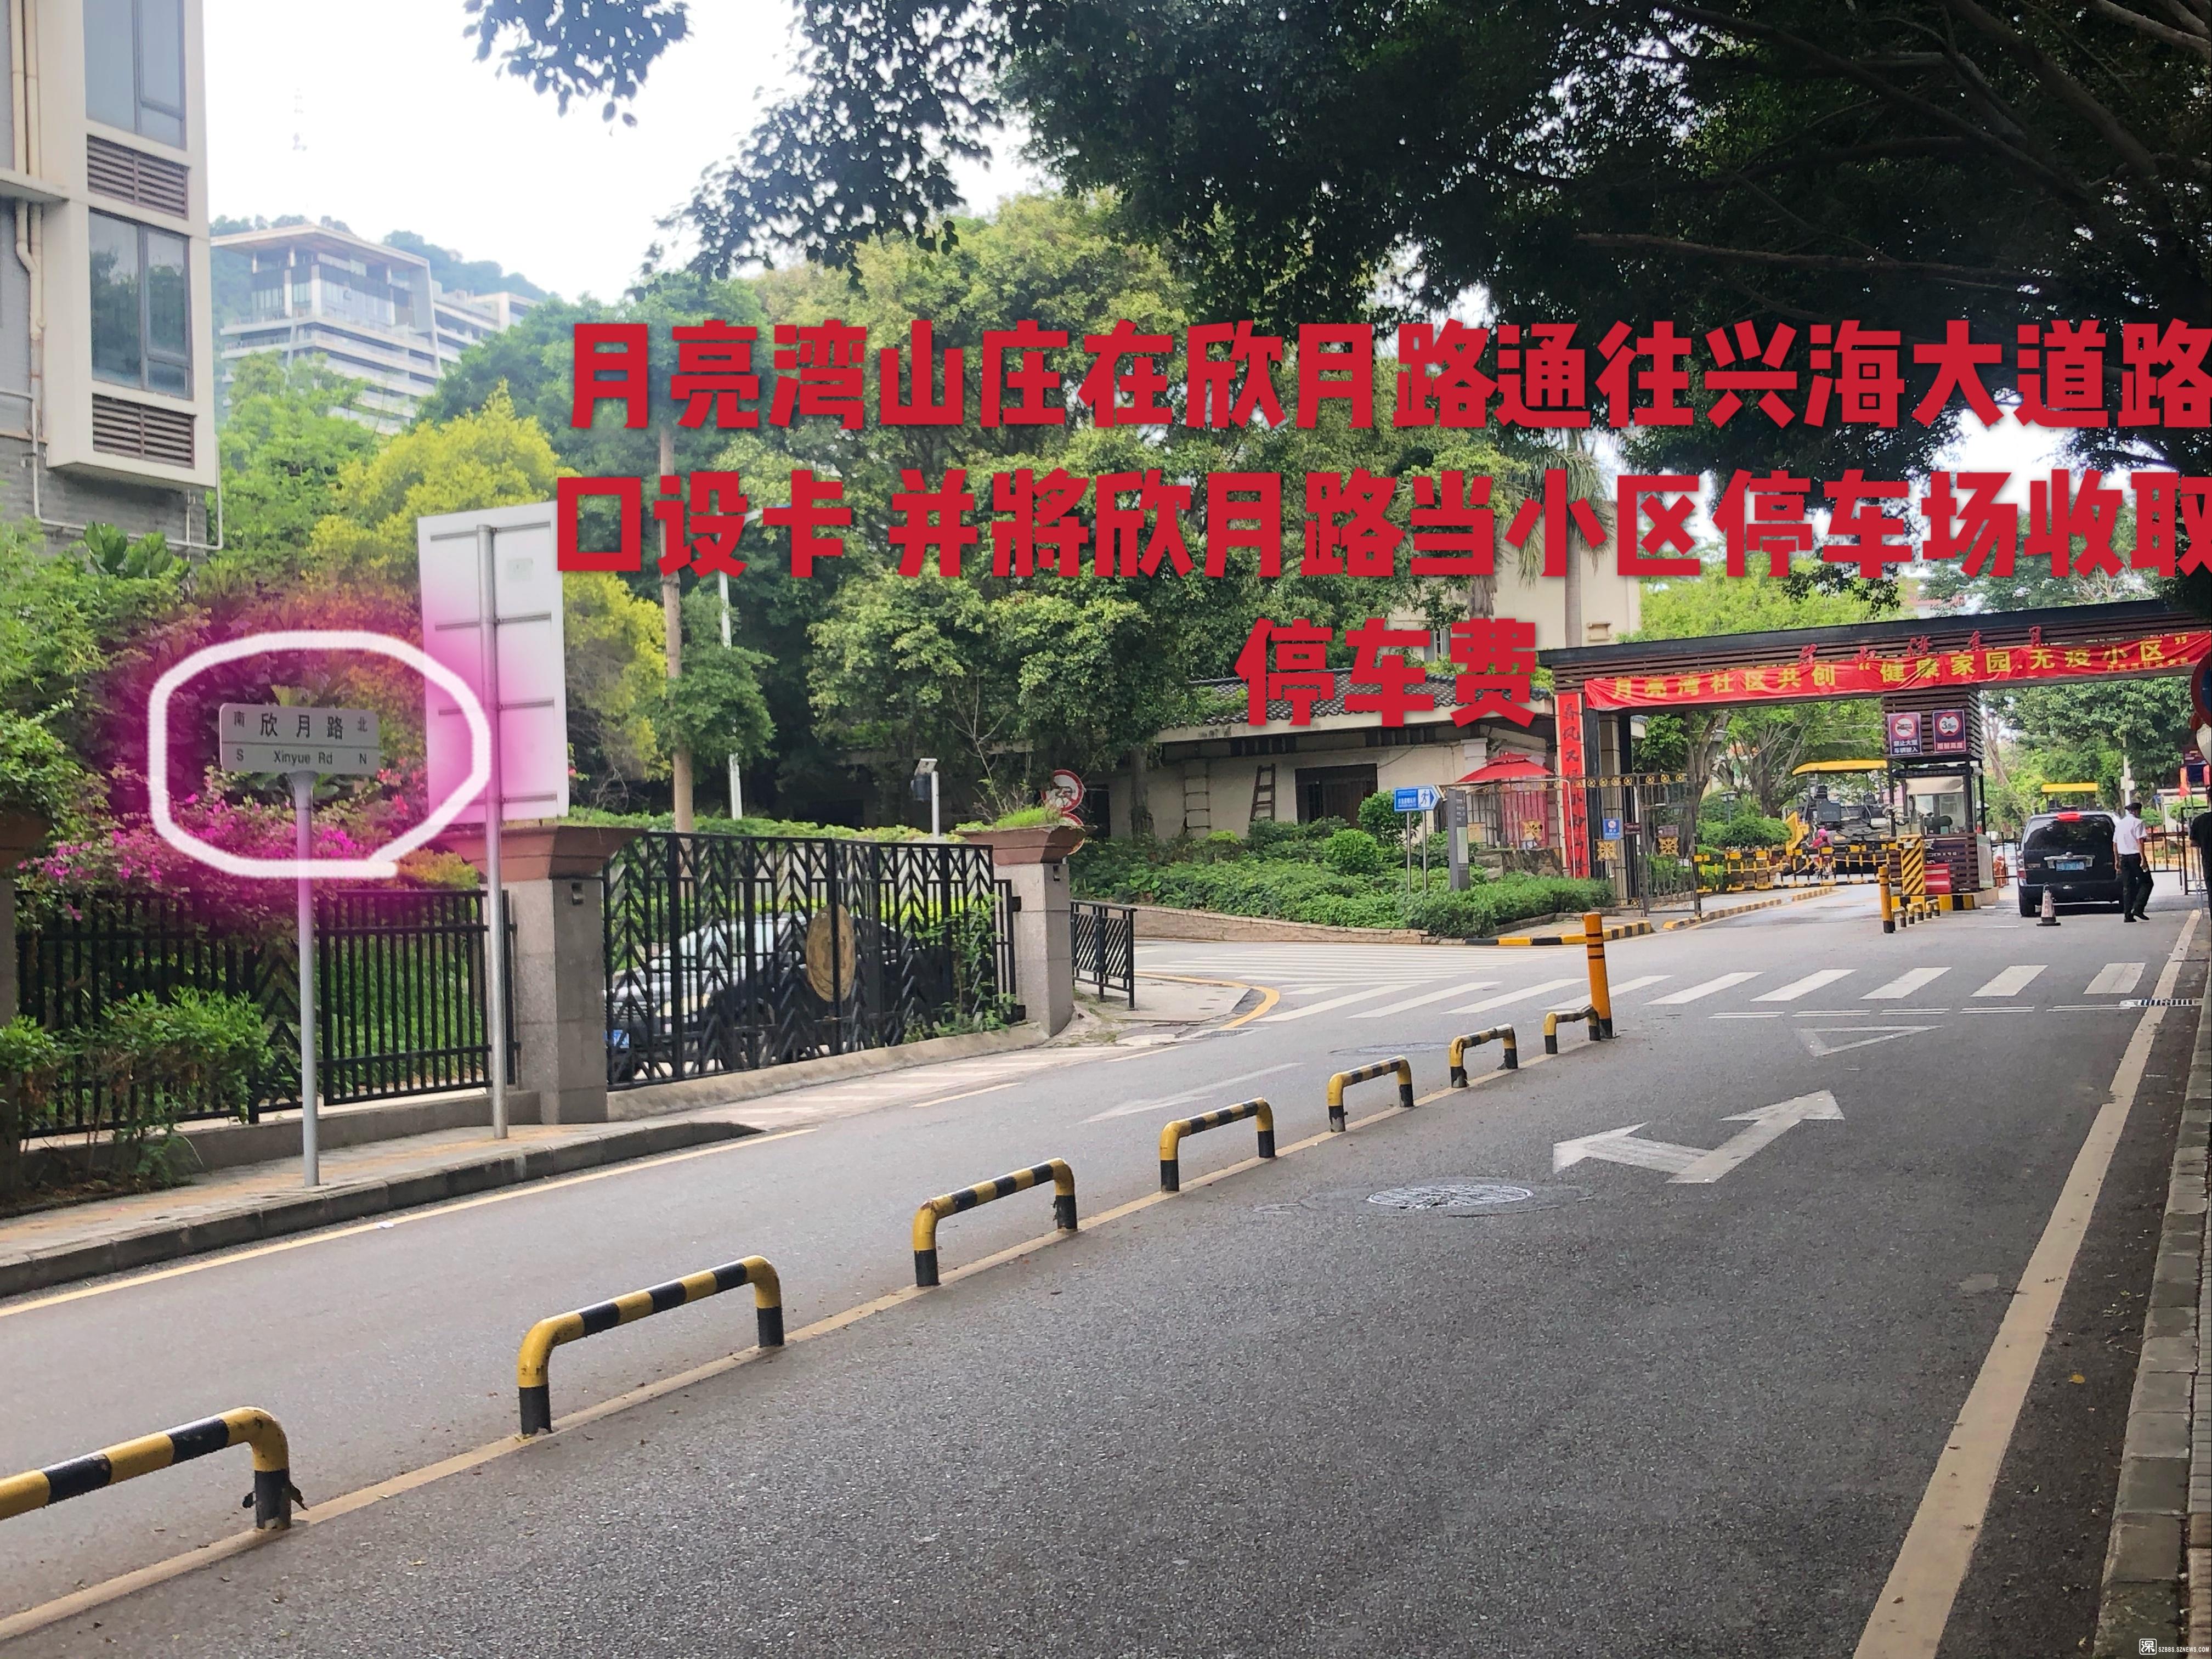 将市政道路圈入小区做停车场收费.jpg